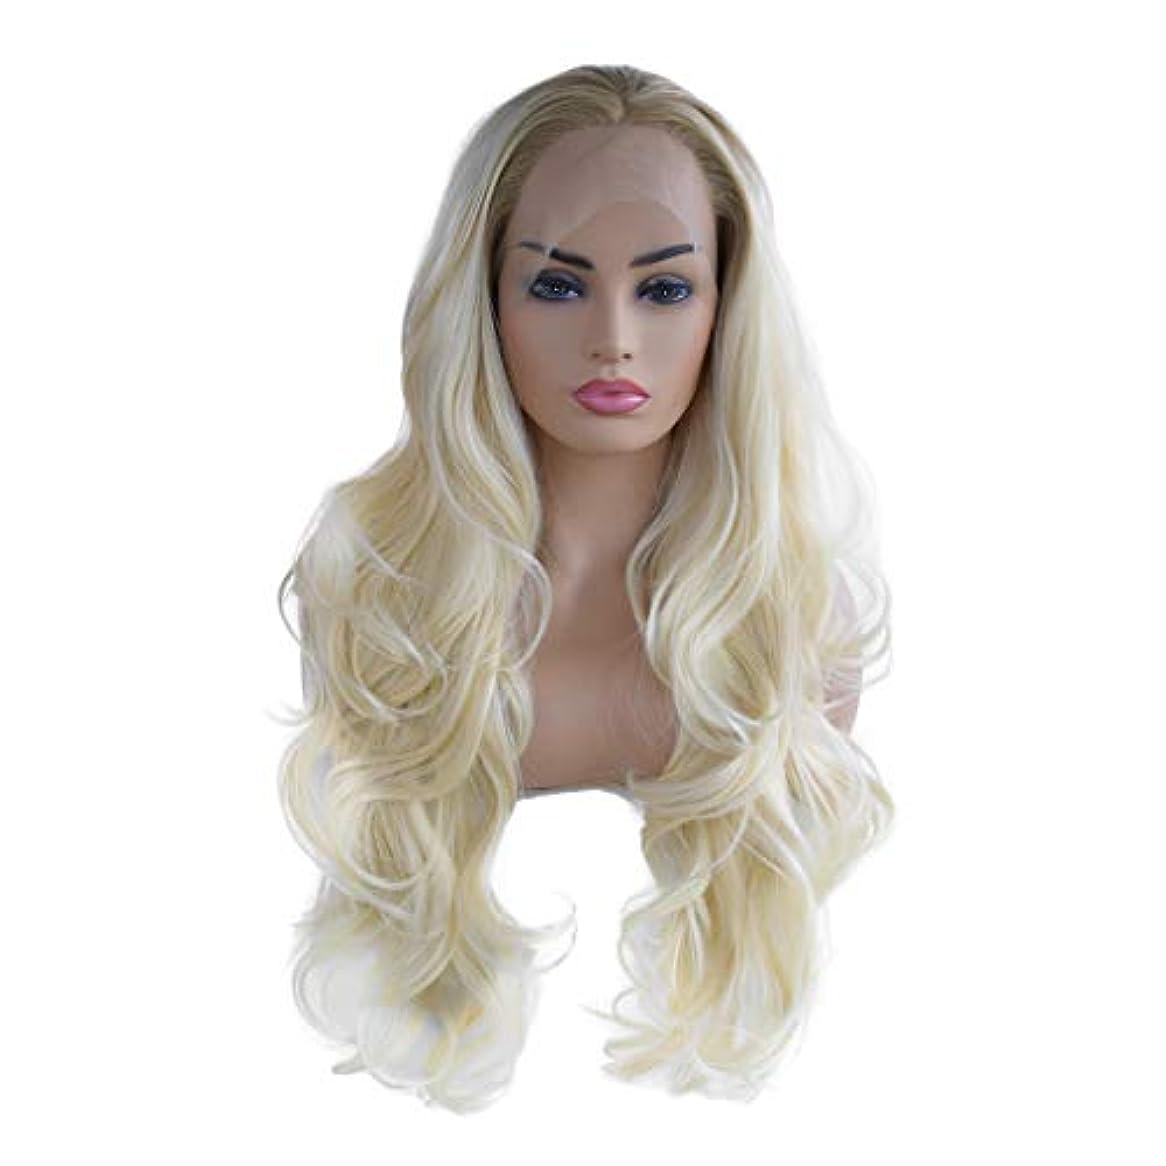 ジャズ二年生サルベージ女性の長い長い巻き毛のかつらファッションコスプレかつらフロントレースかつら